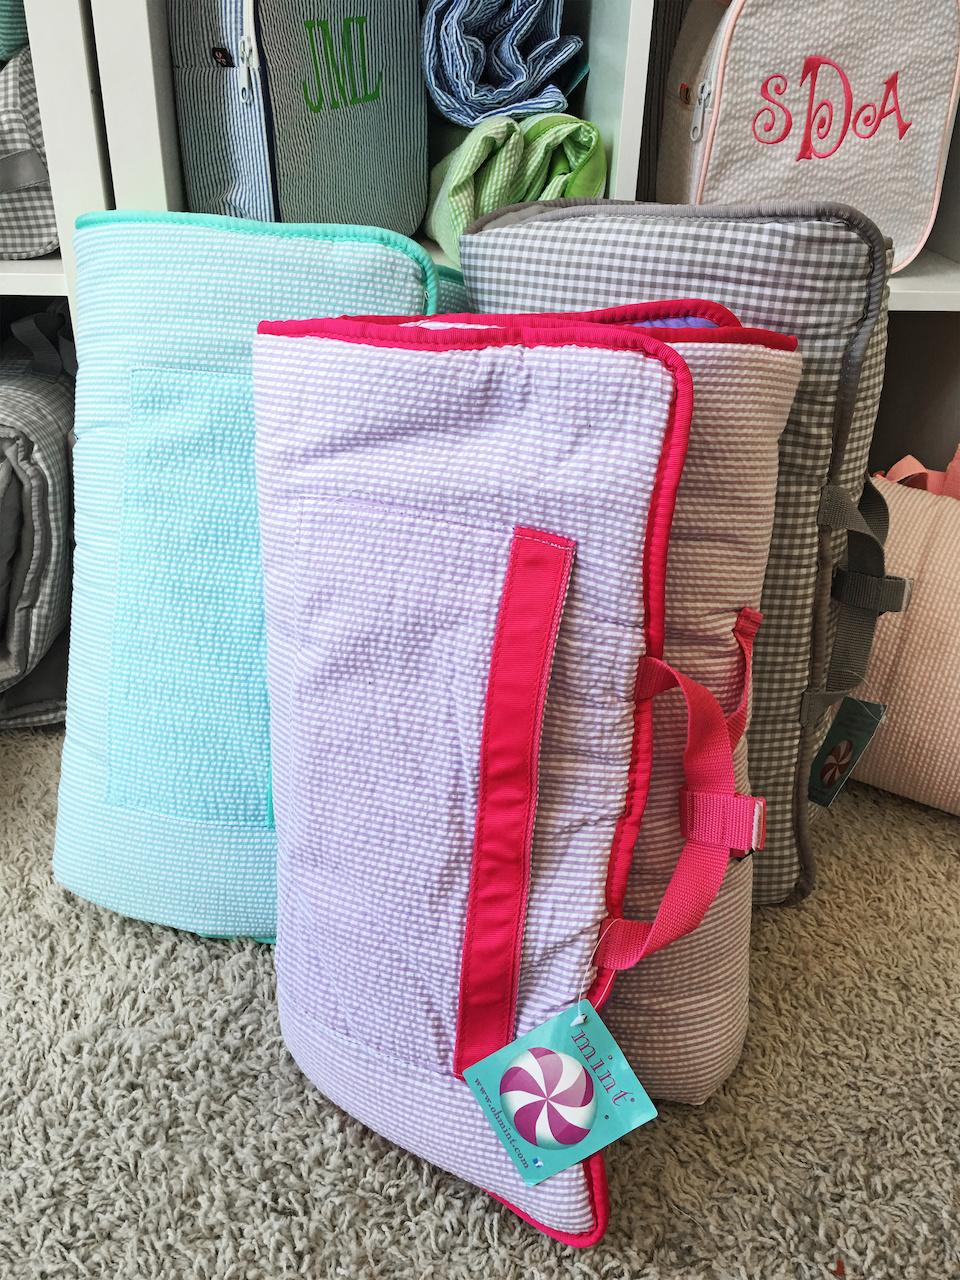 Nap mats, $58 each, at B. Bayer & Co. Monogramming & Gifts